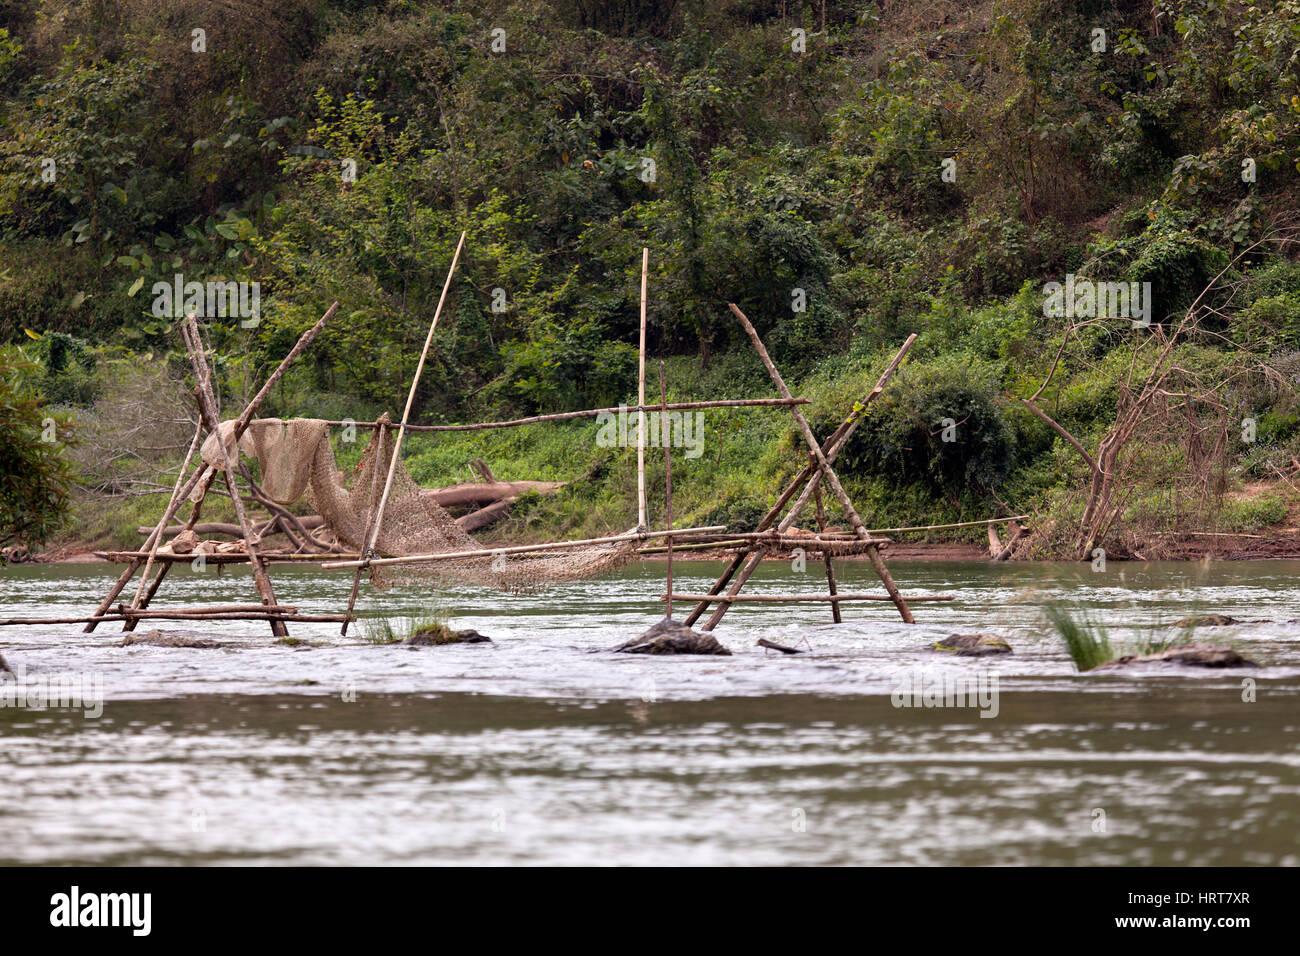 Eine Verzweigungsstruktur mit Netz für eine Fischfalle auf die Ou-River, einem Nebenfluss des Mekong (Laos). Stockbild